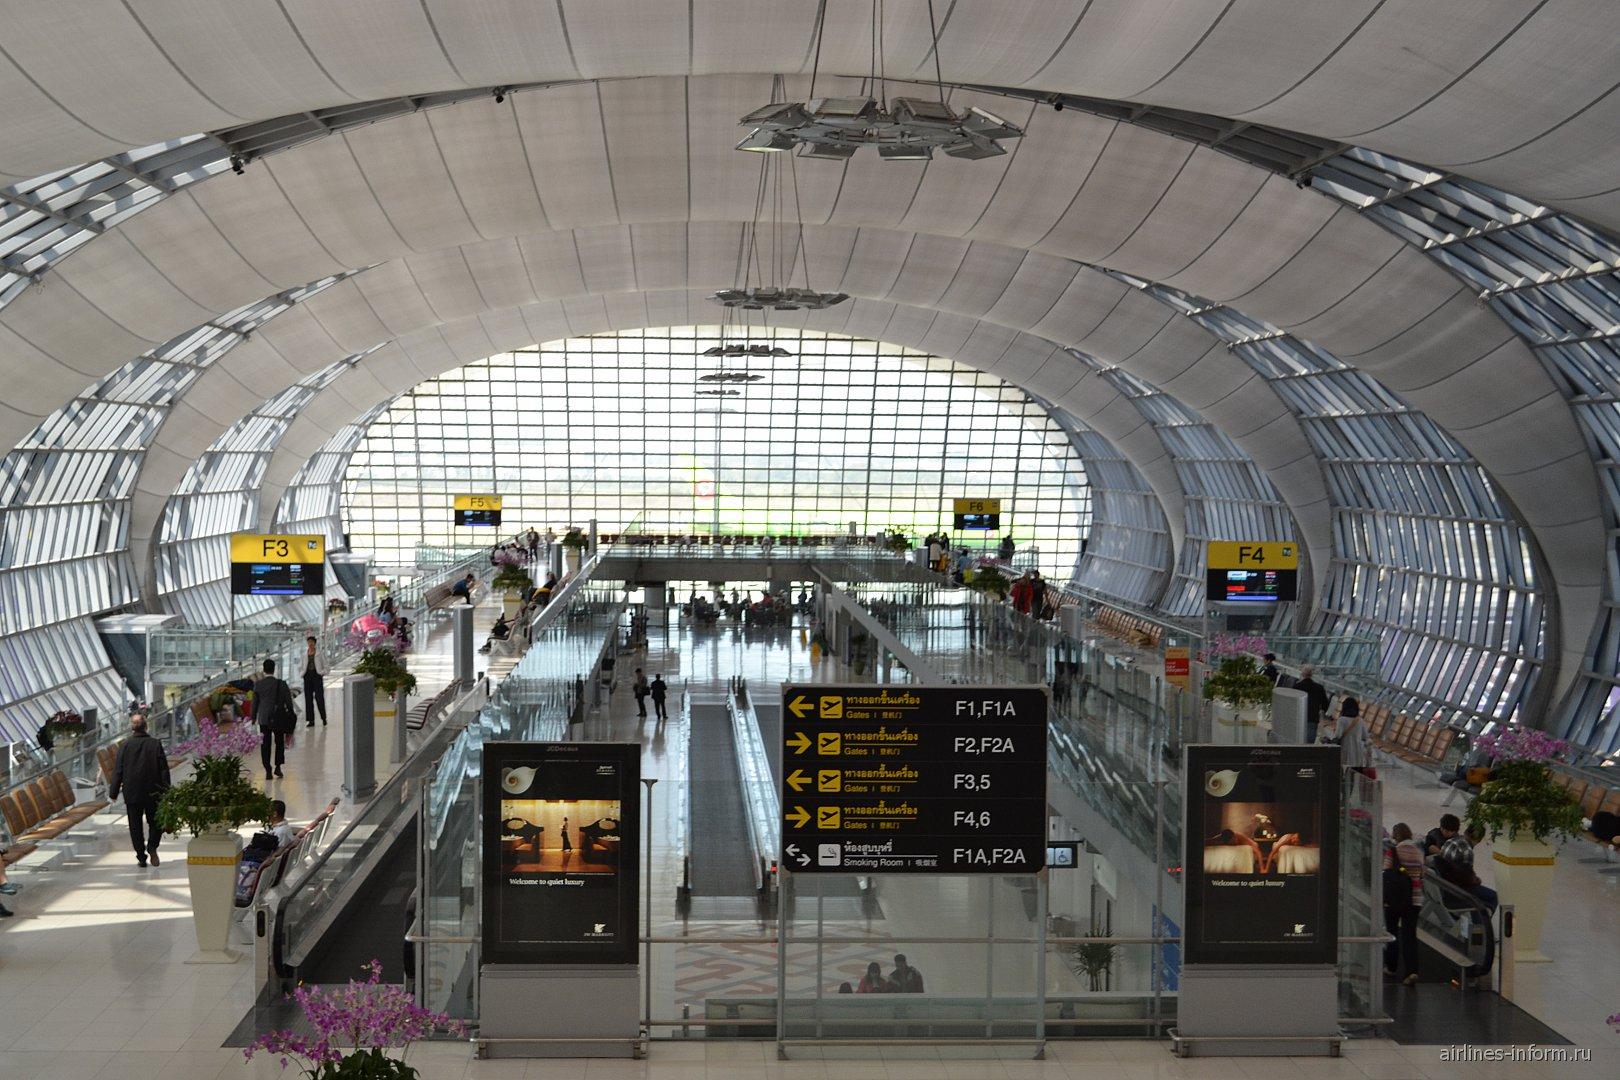 Выходы на посадку в пассажирском терминале аэропорта Бангкок Суварнабуми